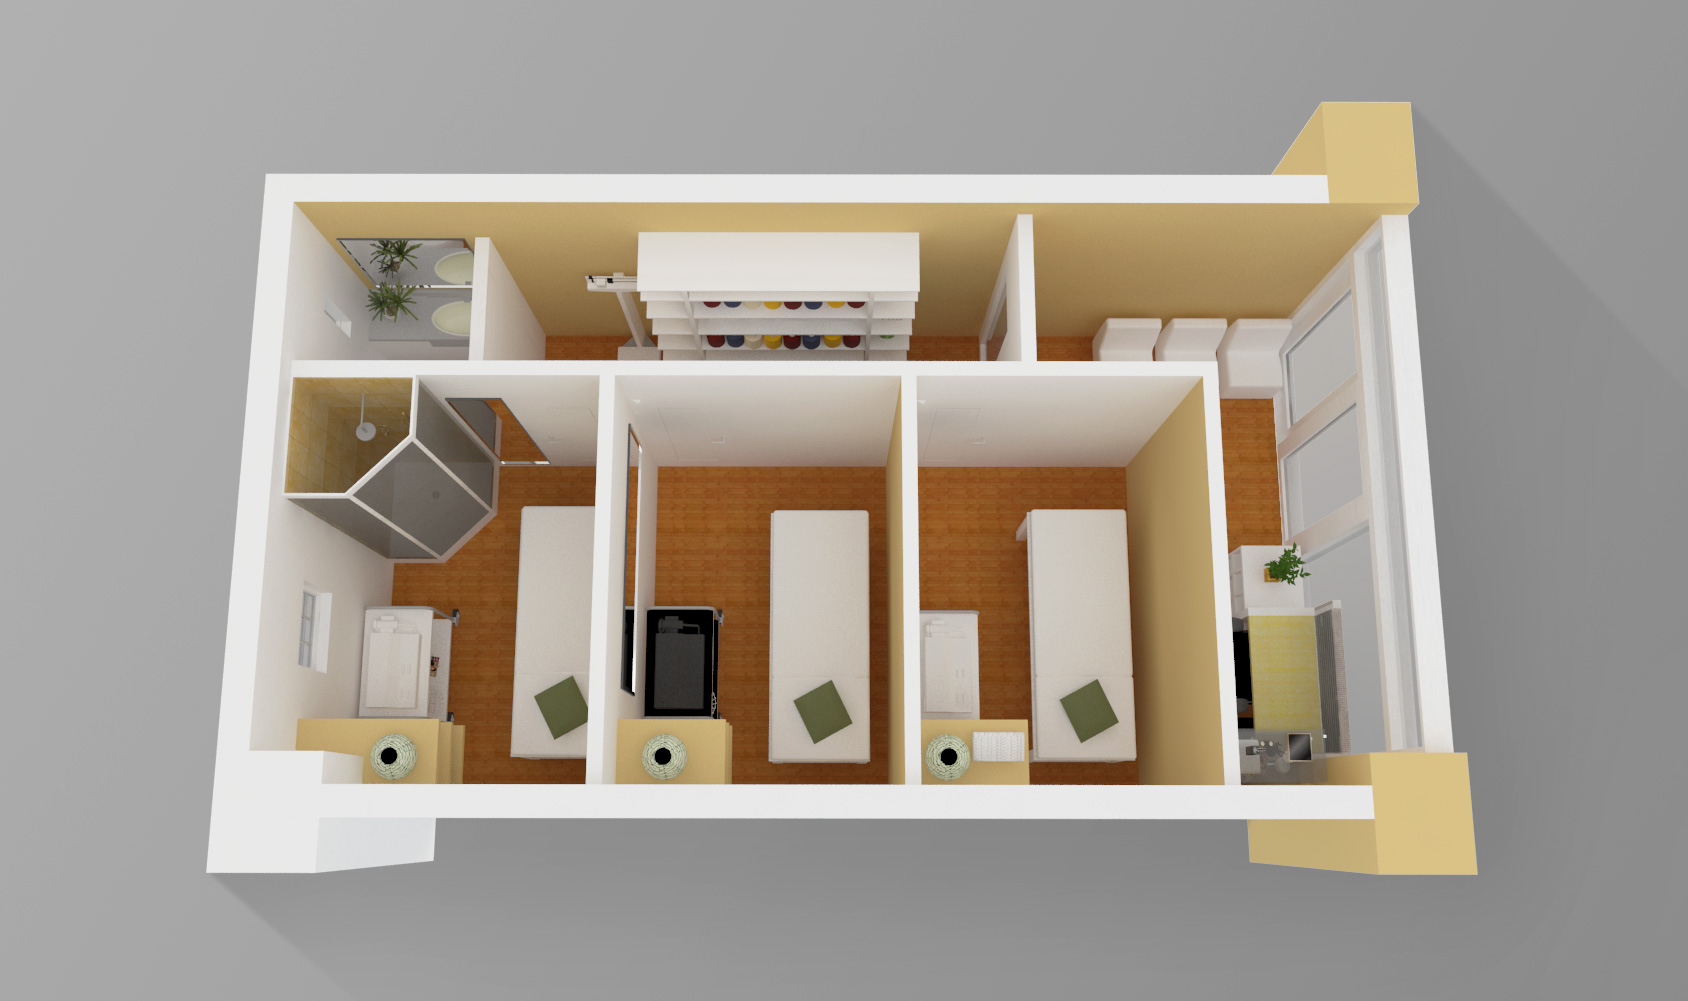 Arquitectura interior y exterior